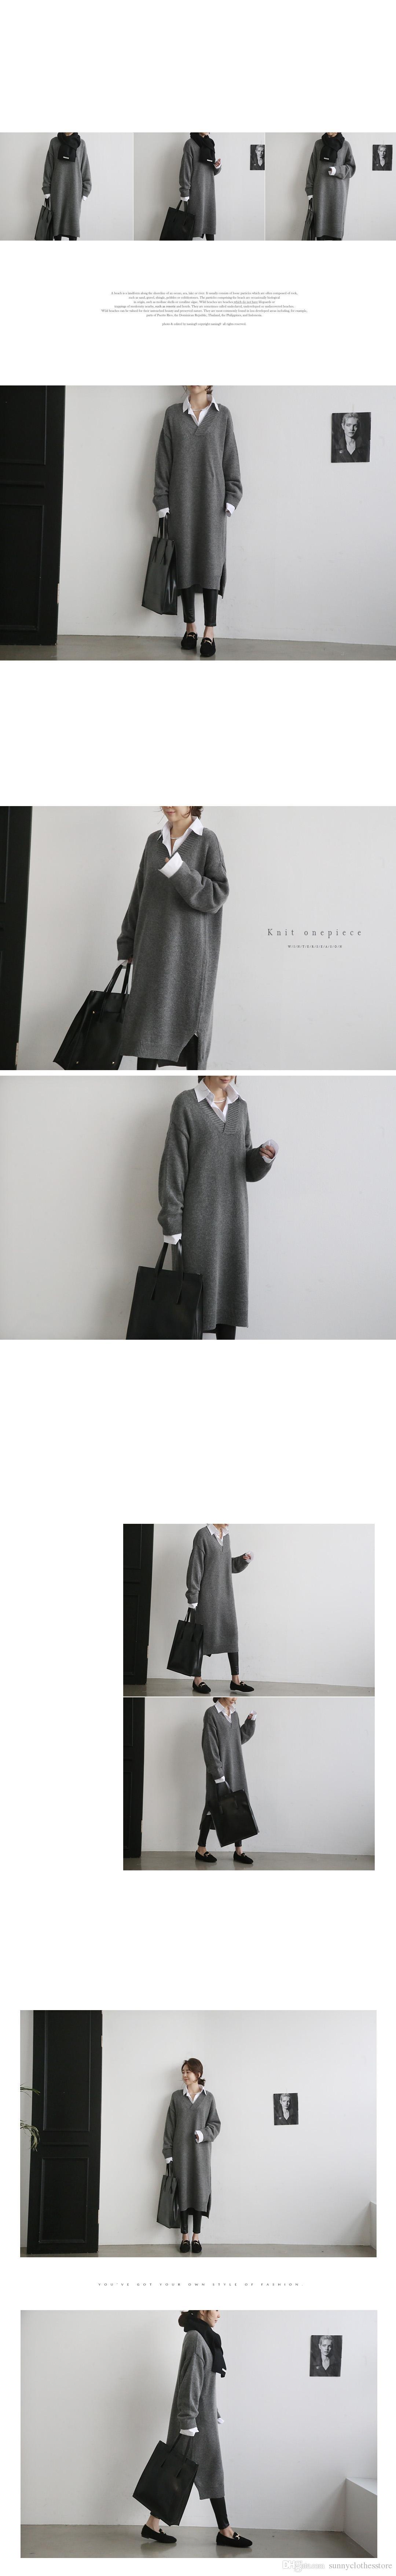 Sonbahar ve kış yeni Kore versiyonu Joker kazak etek V Yaka kalınlaşmış uzun kollu gevşek kazak kadın